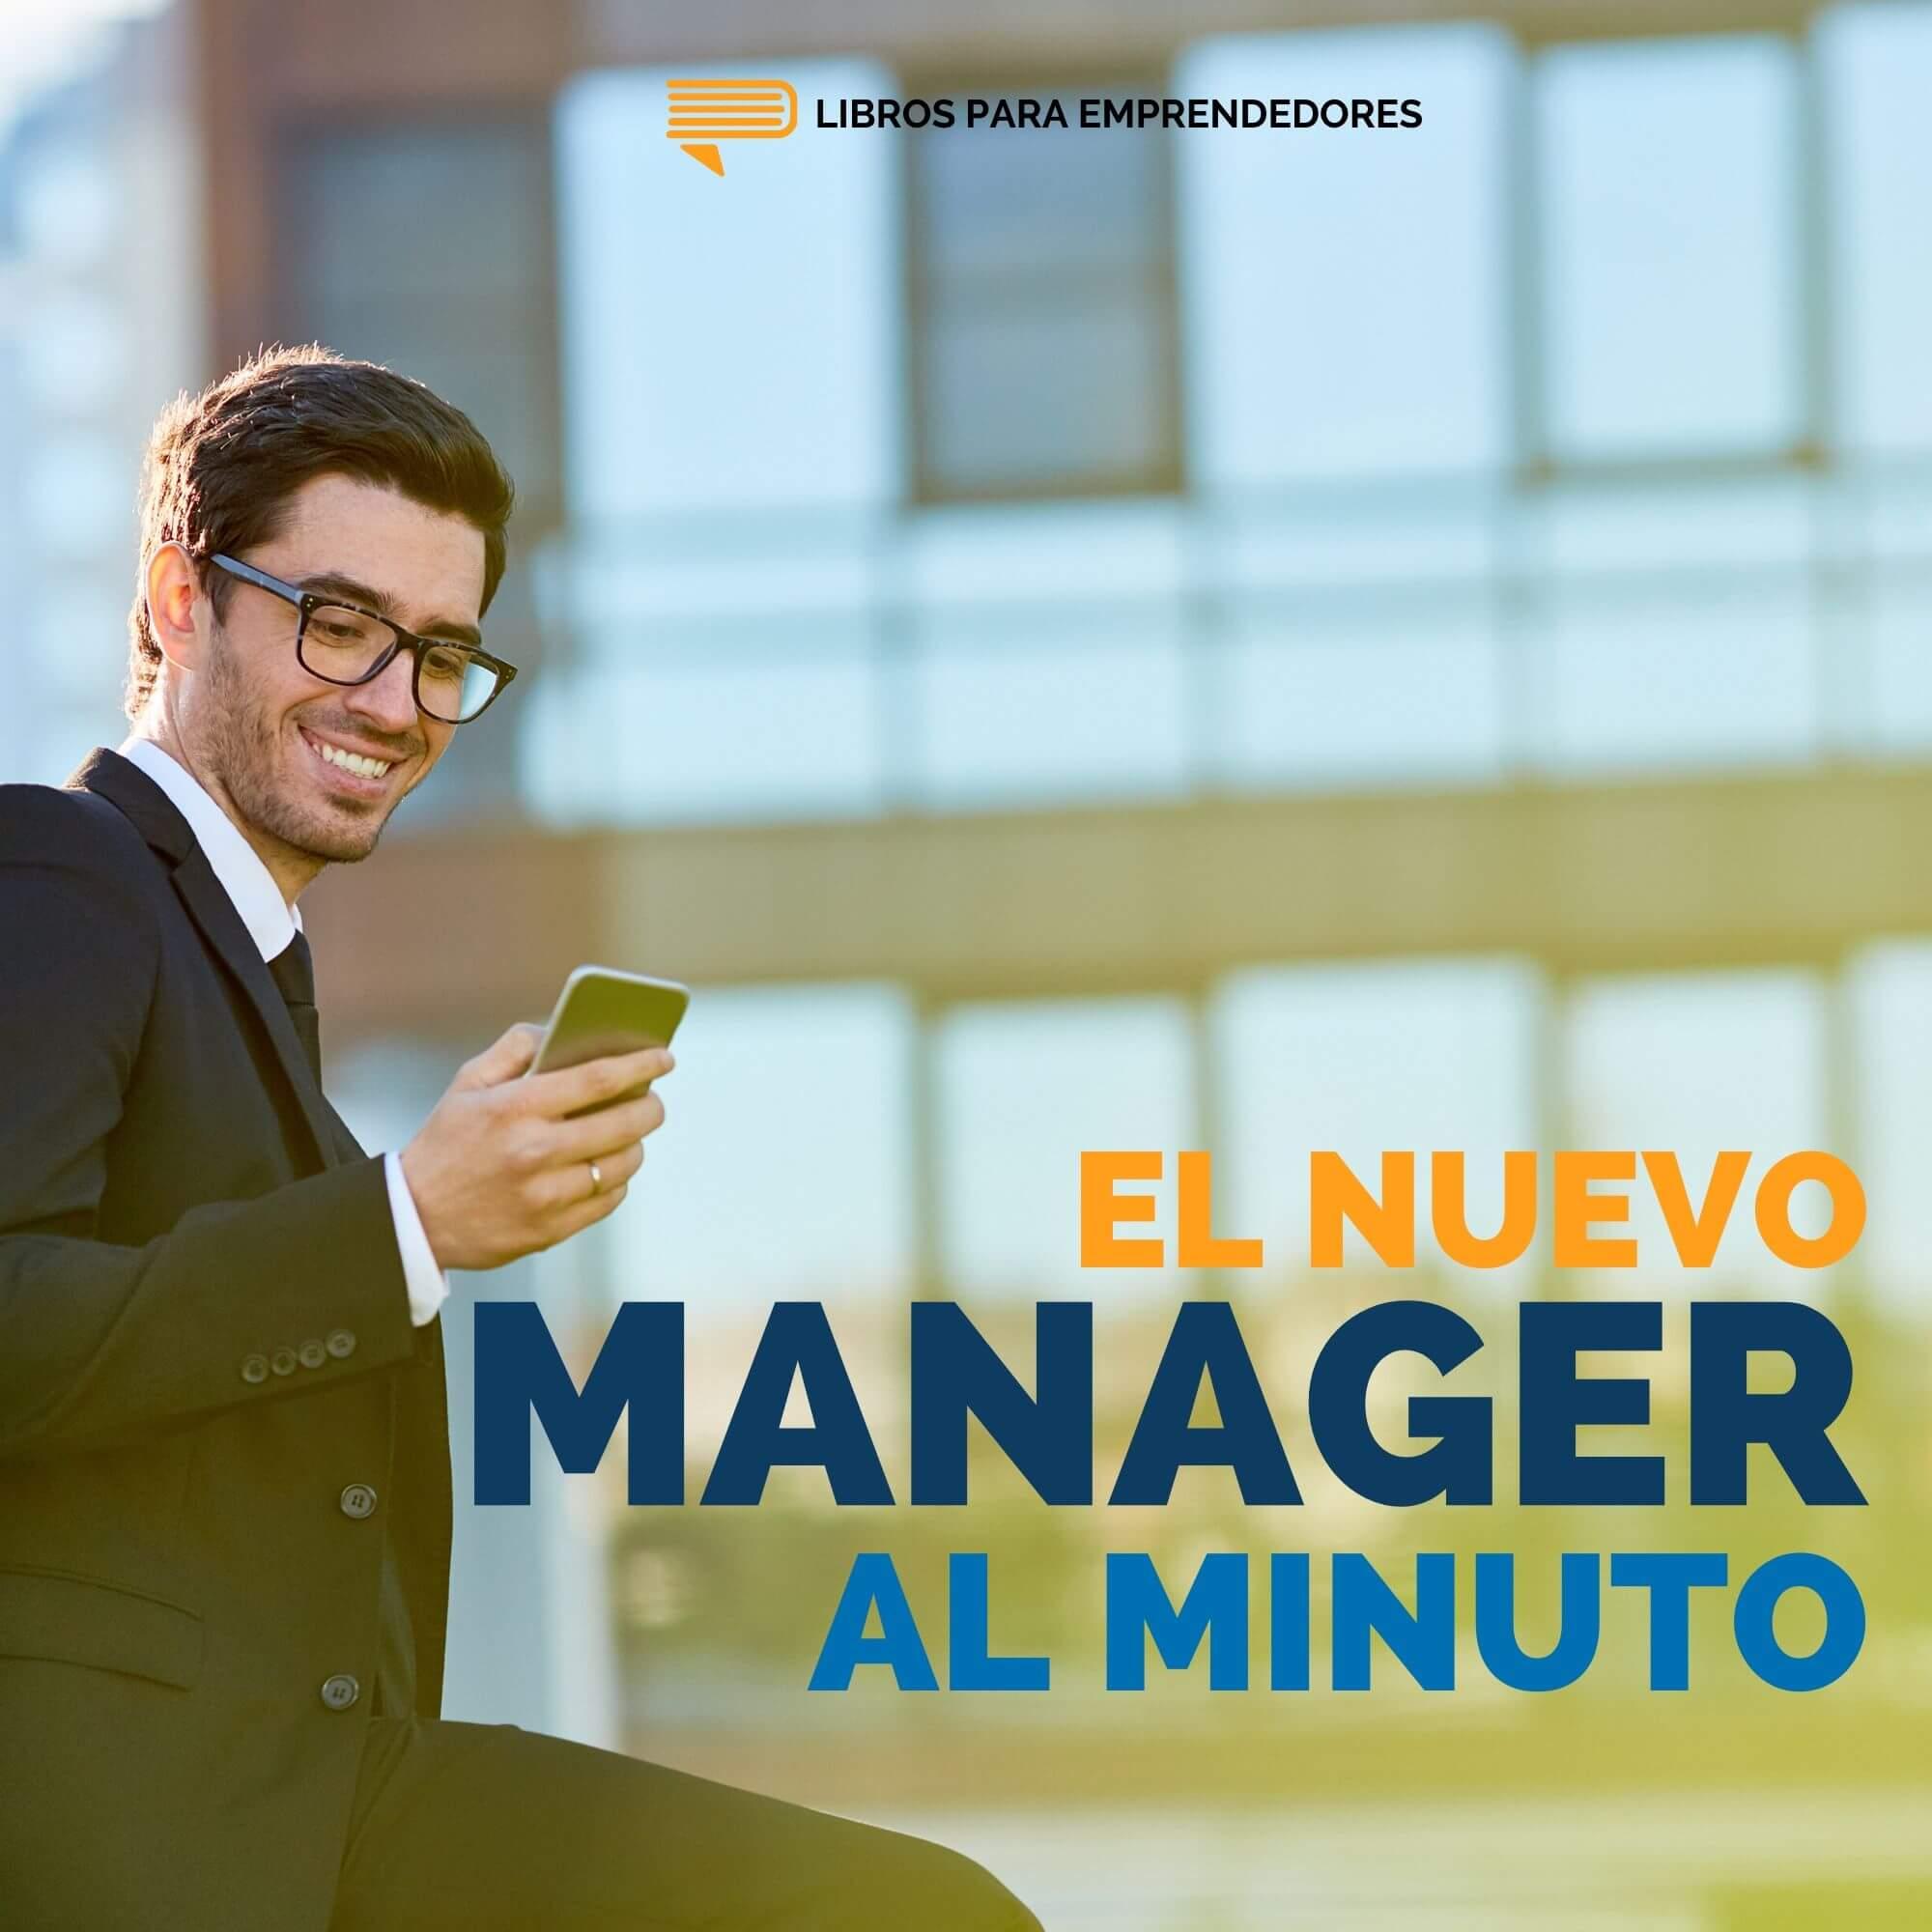 El Nuevo Manager al Minuto - Un Resumen de Libros para Emprendedores